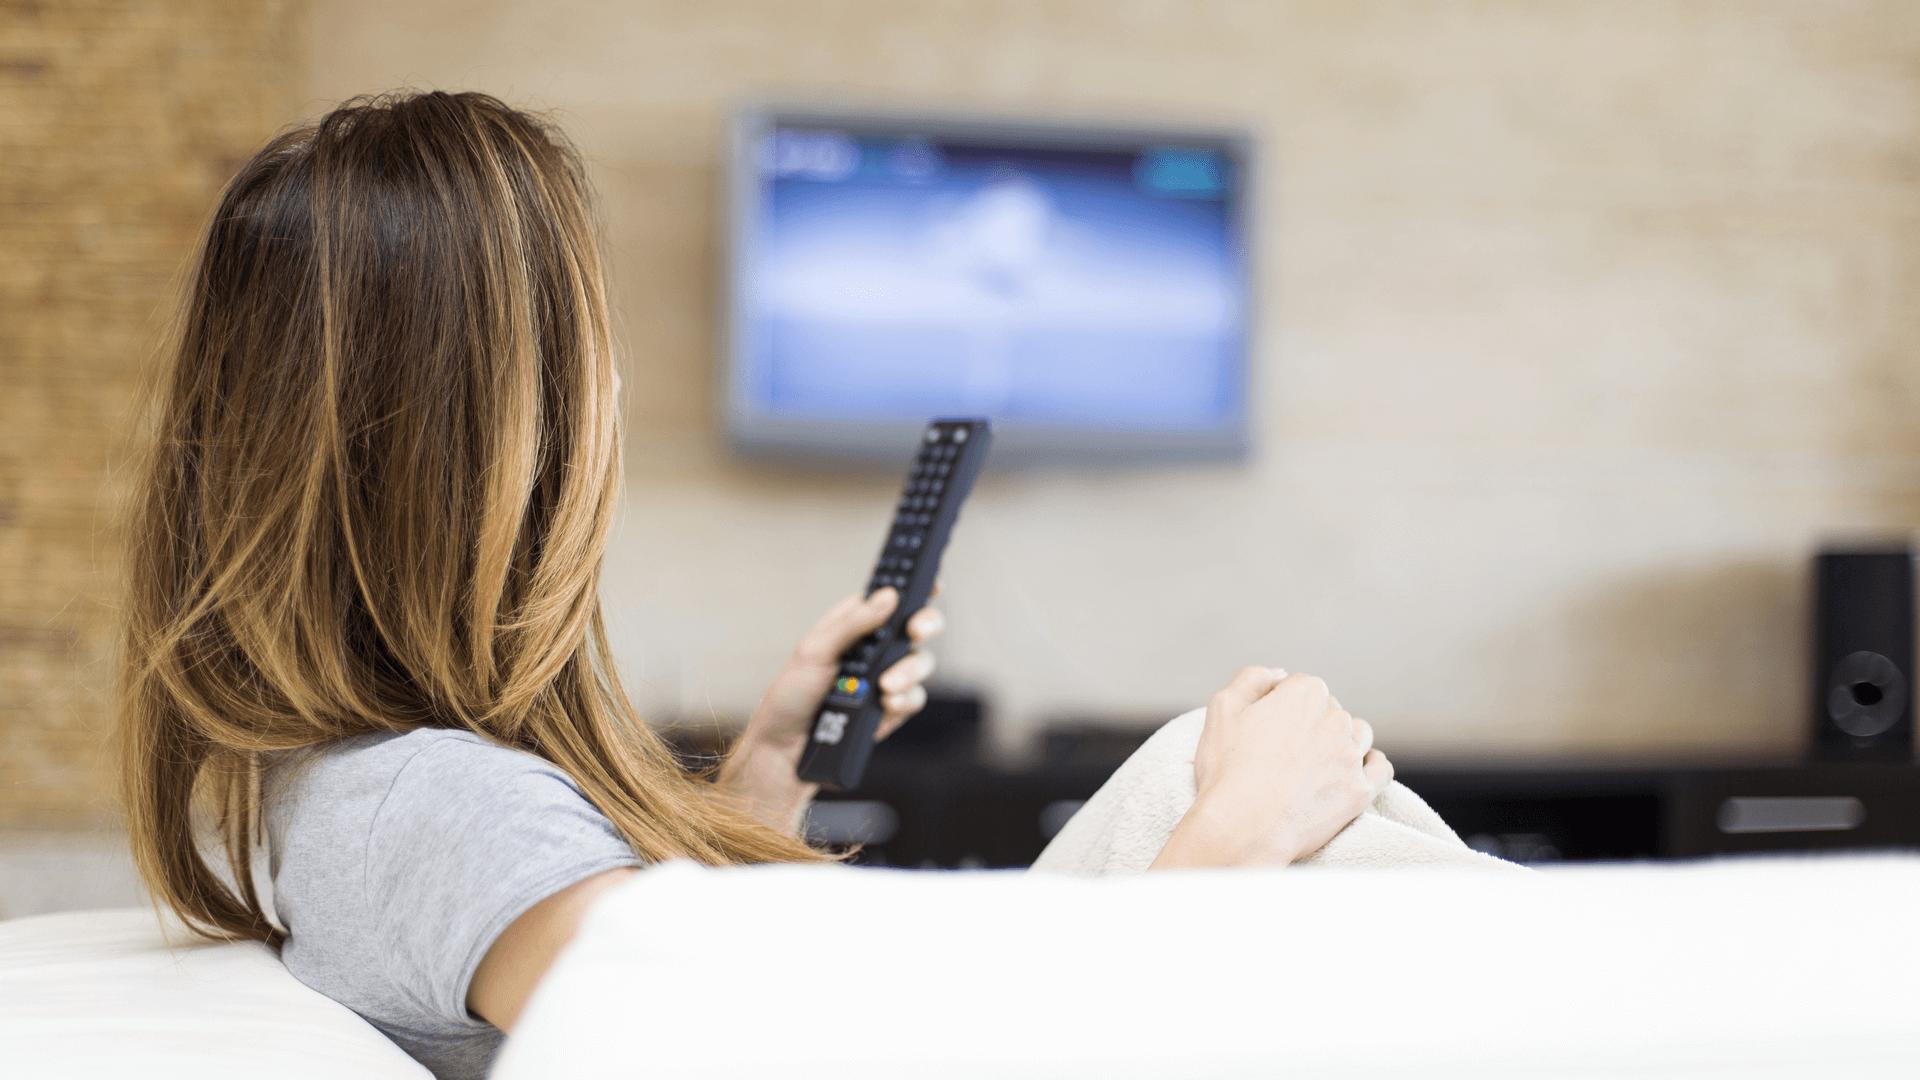 TVを見ている女性